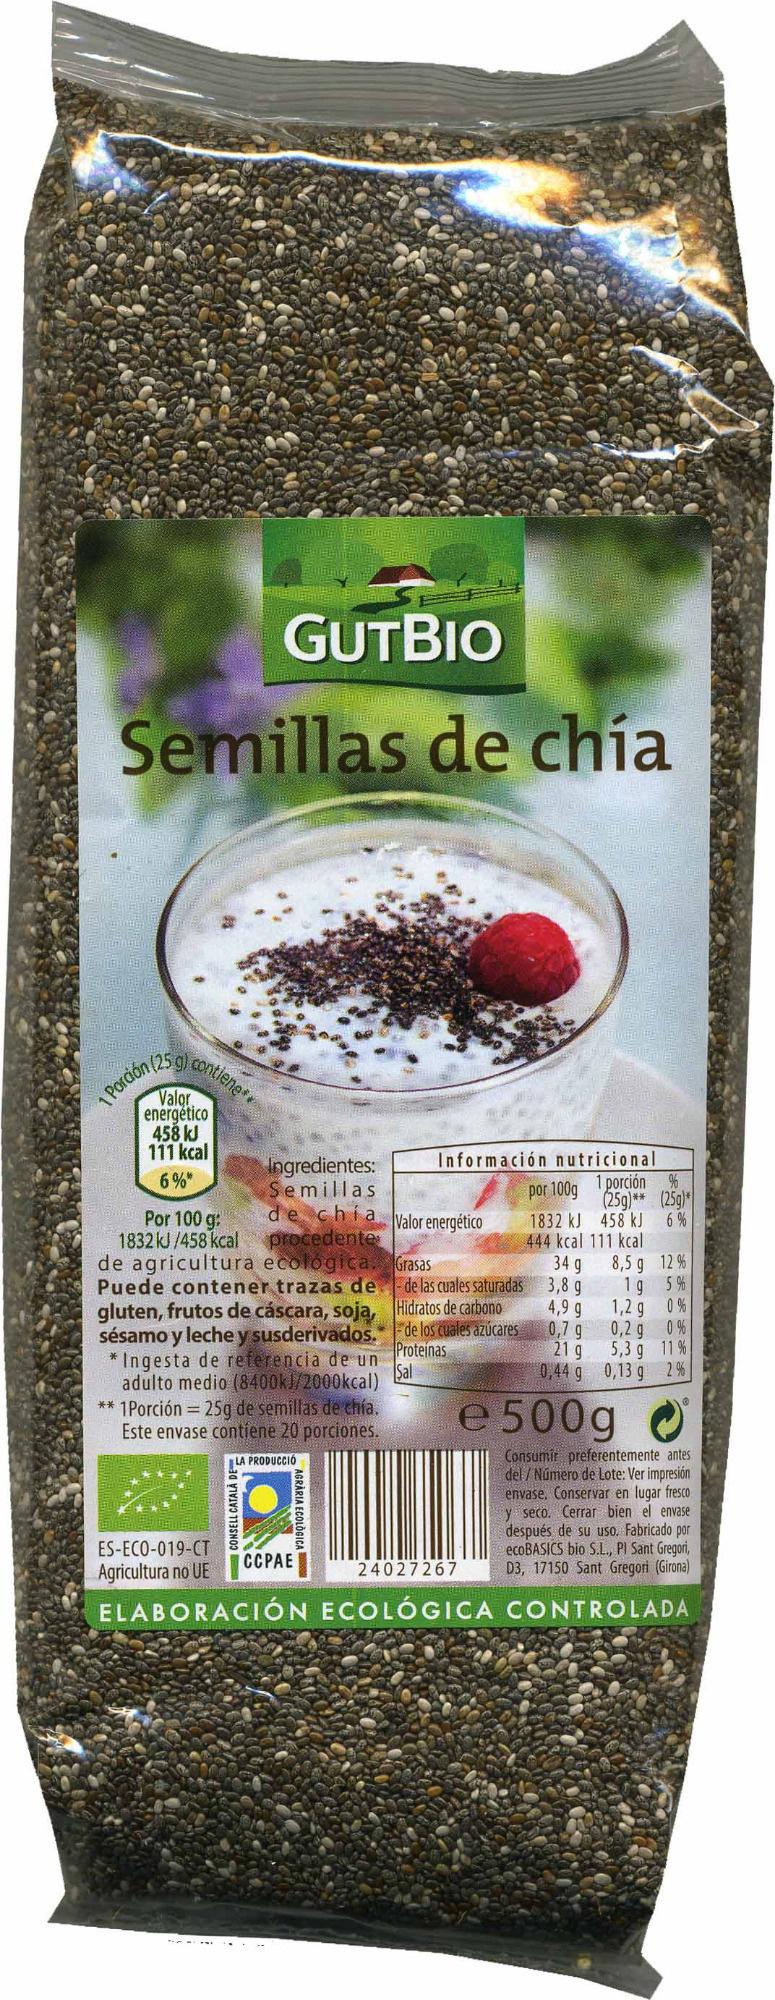 Semillas de chía - Producte - es